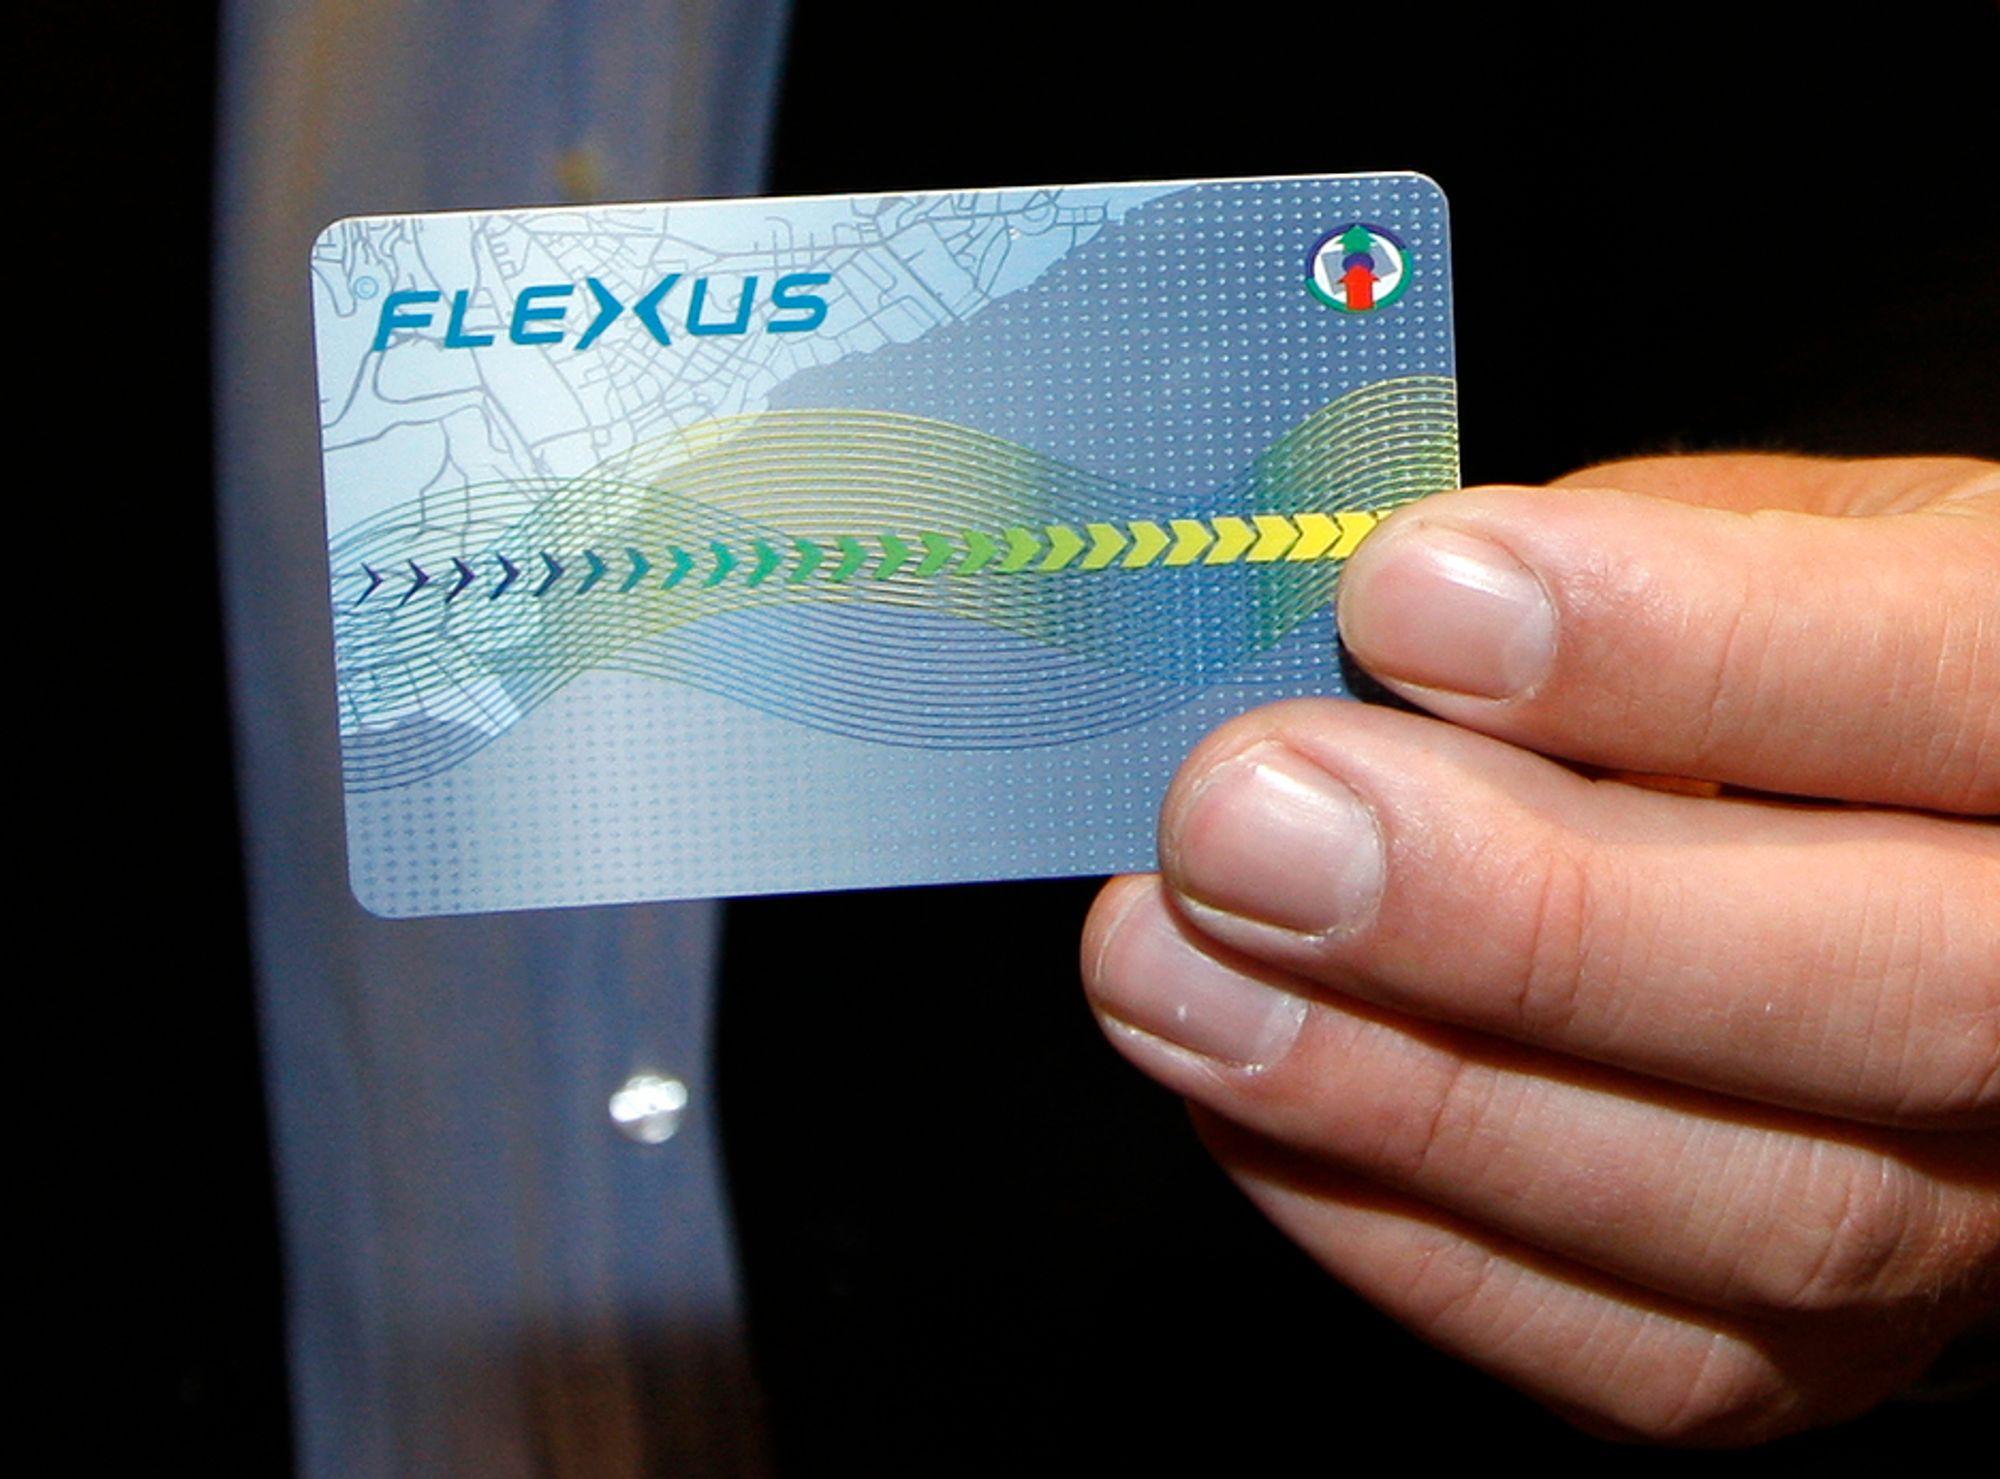 Det er nærmere 300.000 Flexus-kort i omløp, men Ruter har bare to kortlesere som kan sjekke om de er gyldige ved kontroller.